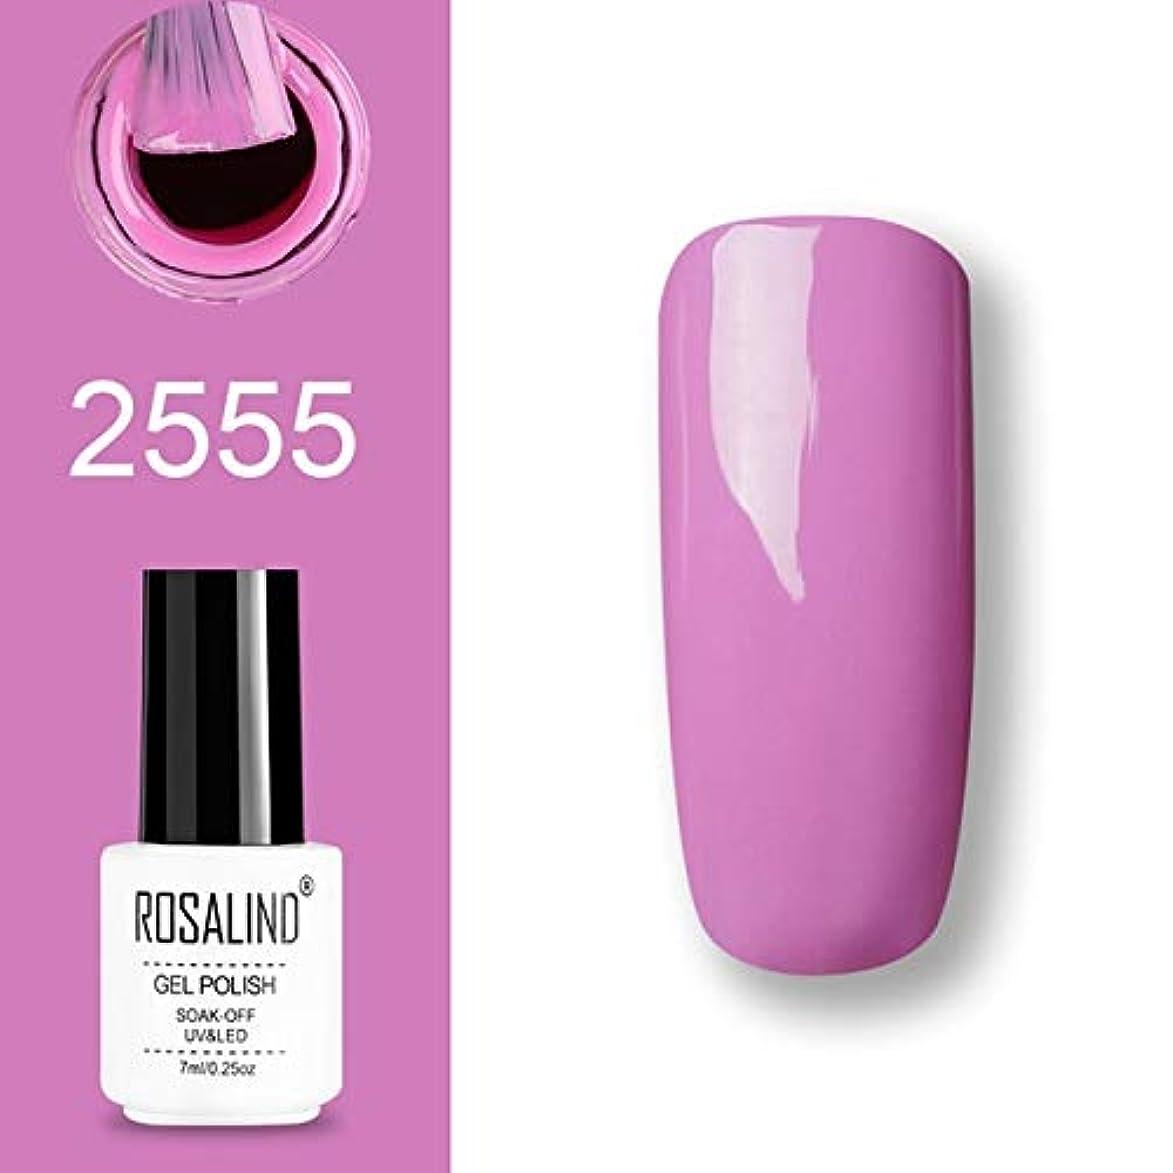 接地下品レオナルドダファッションアイテム ROSALINDジェルポリッシュセットUVセミパーマネントプライマートップコートポリジェルニスネイルアートマニキュアジェル、ピンク、容量:7ml 2555。 環境に優しいマニキュア